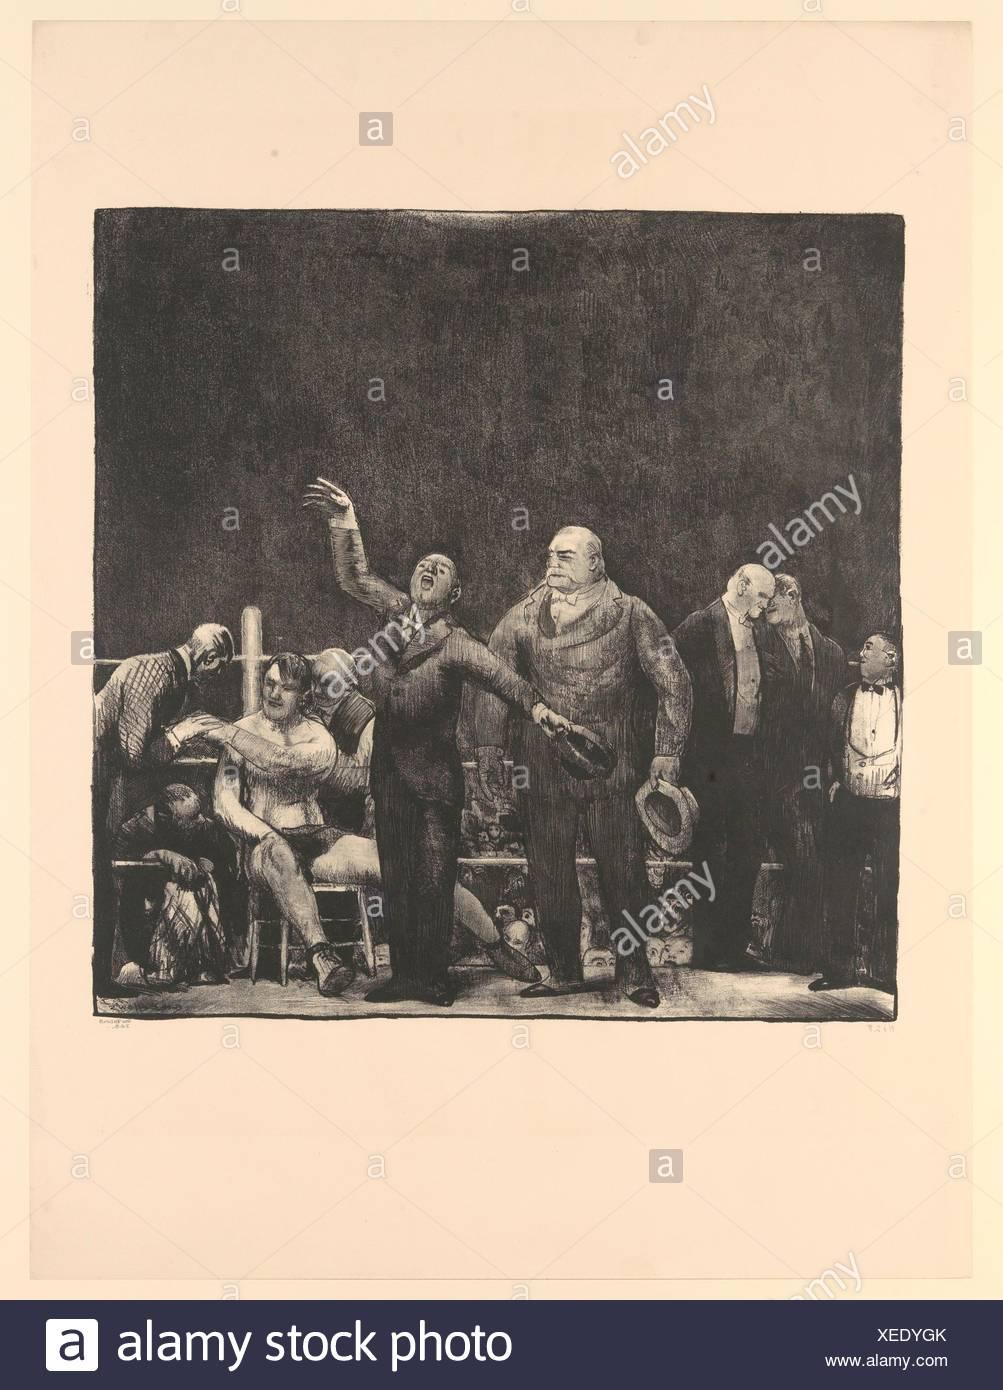 Die Einführung von John L. Sullivan. Artist: George Bellows (Amerikanische, Columbus, Ohio 1882-1925 New York); Herausgeber: von George Faltenbalg (American, veröffentlicht. Stockbild